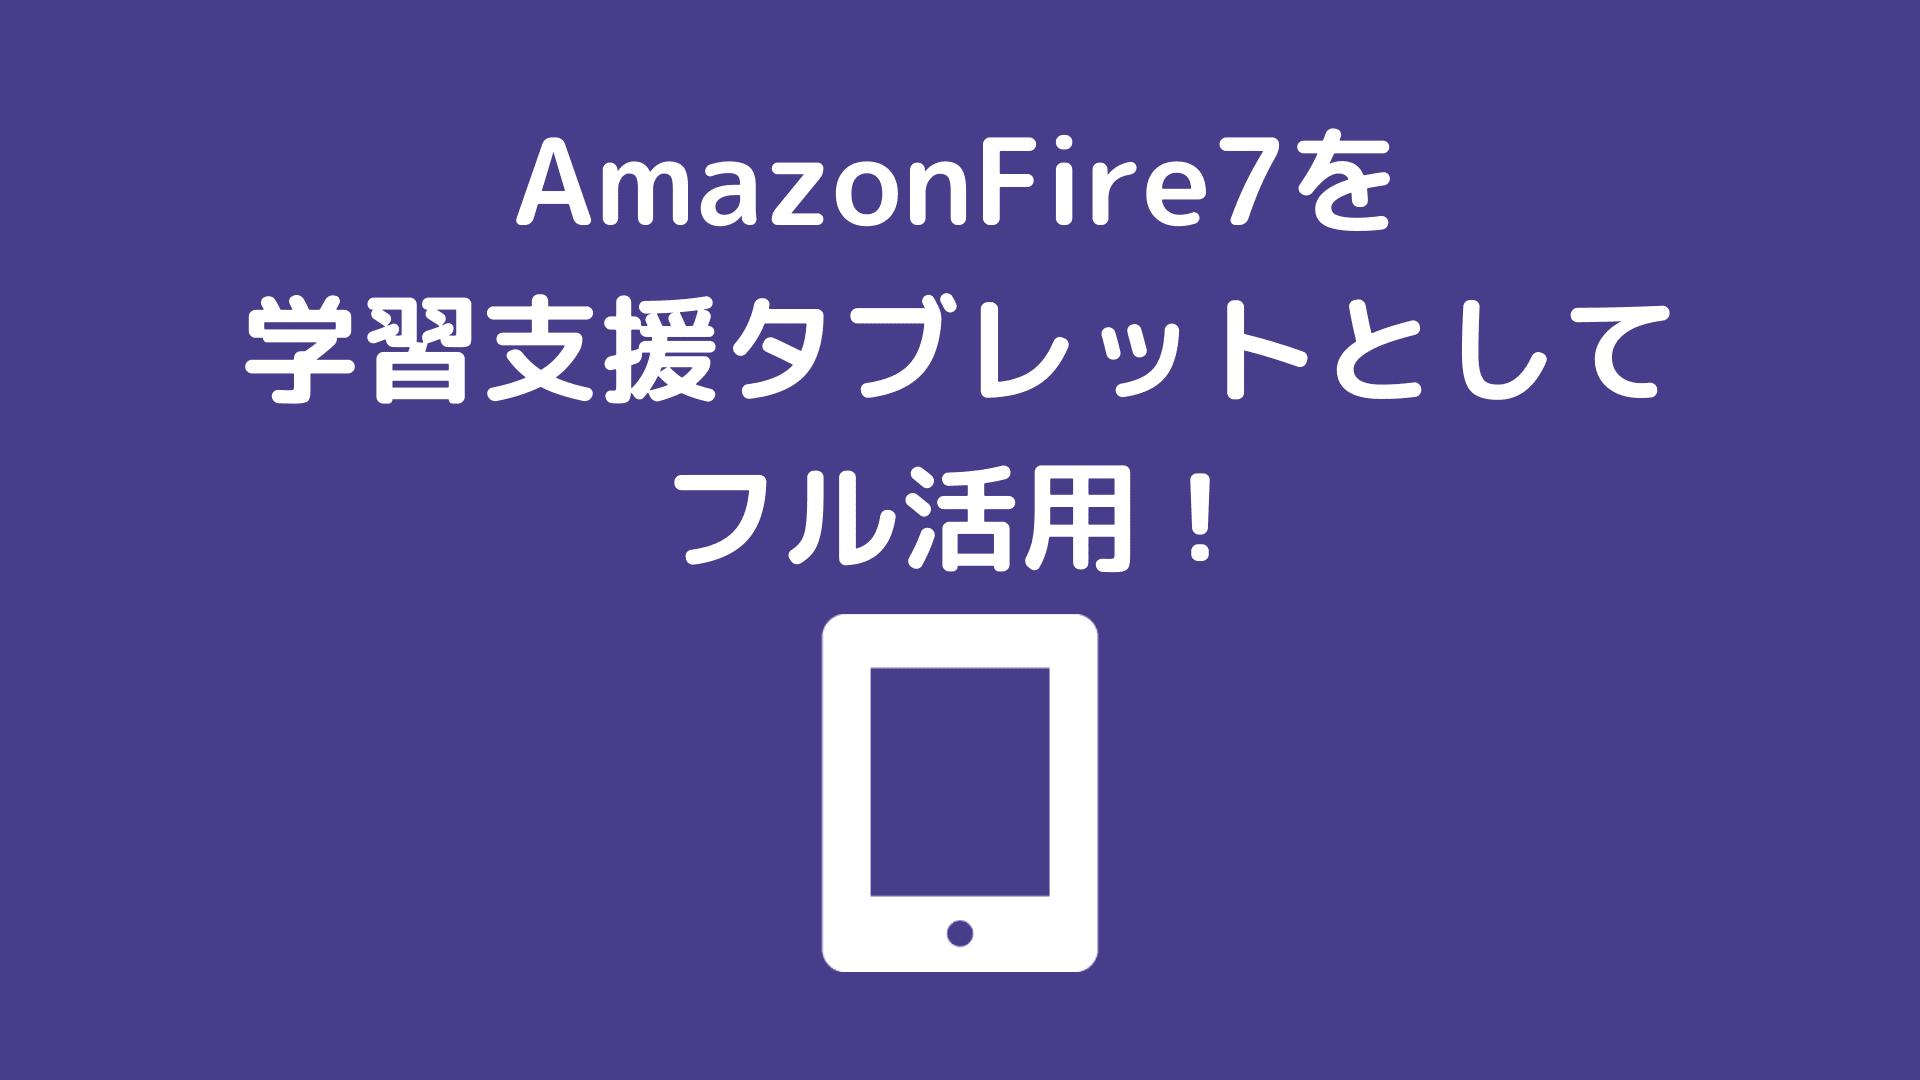 AmazonFire7